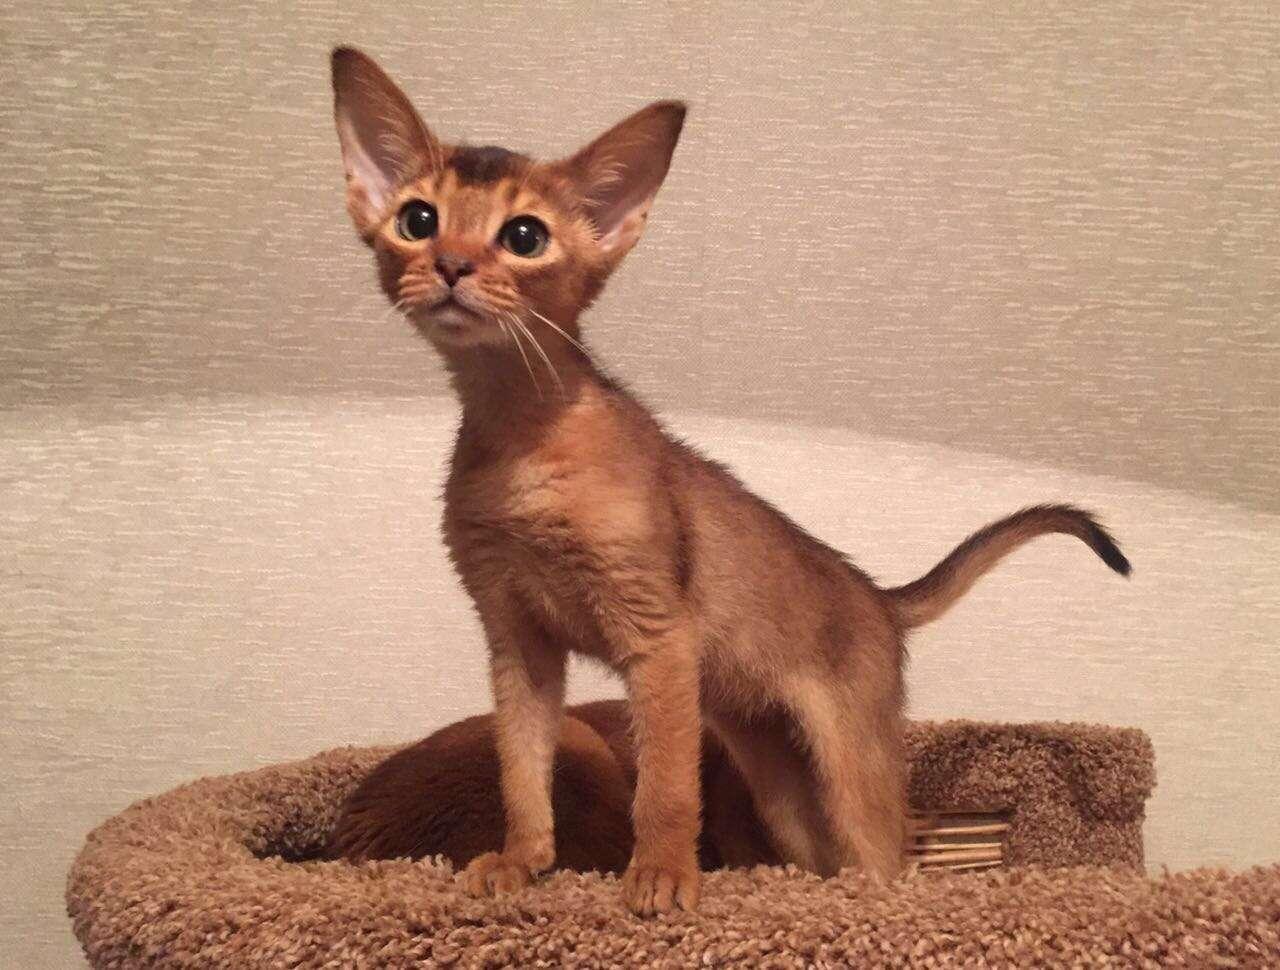 Абиссинский котик дикого окраса, с бездонными глазками и большими ушками